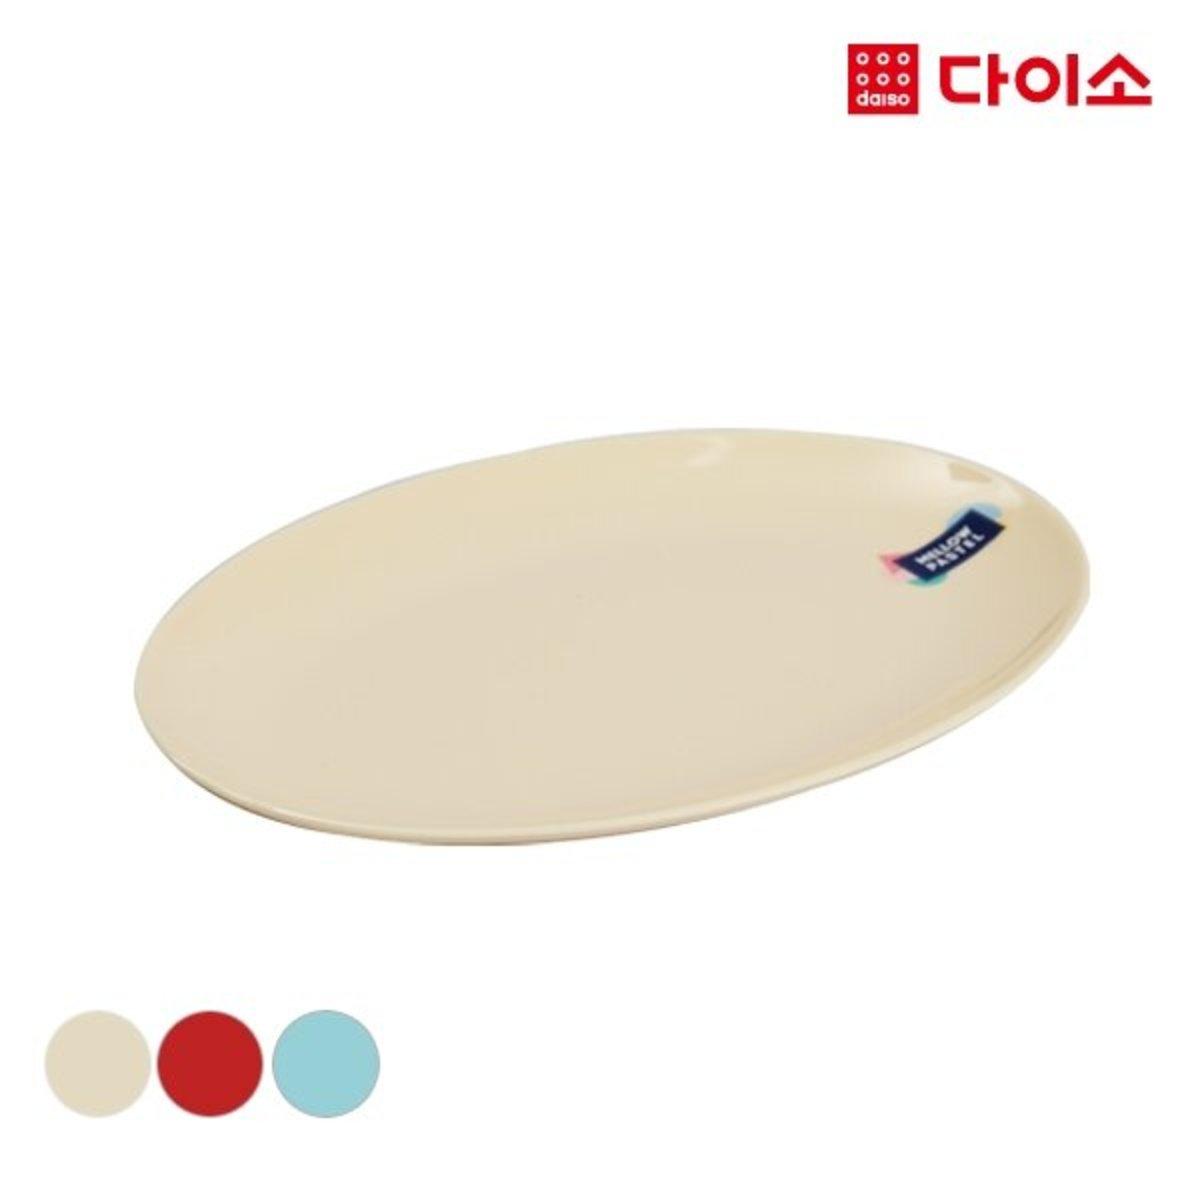 Plastic Platter - Blue